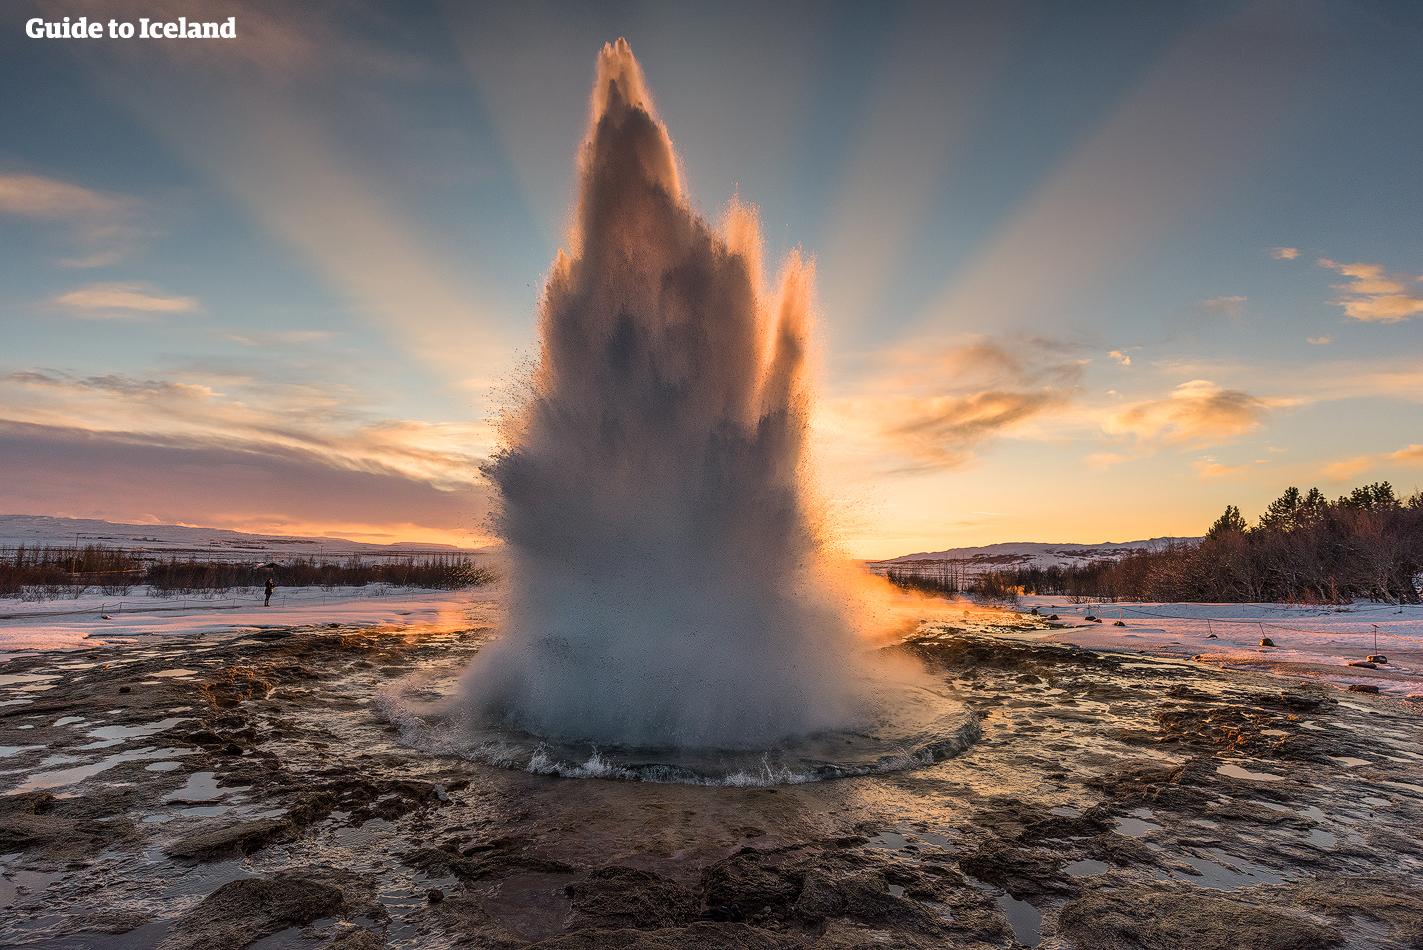 Strokkur es una fuente termal en erupción en el Círculo Dorado, además del ahora inactivo Geysir.